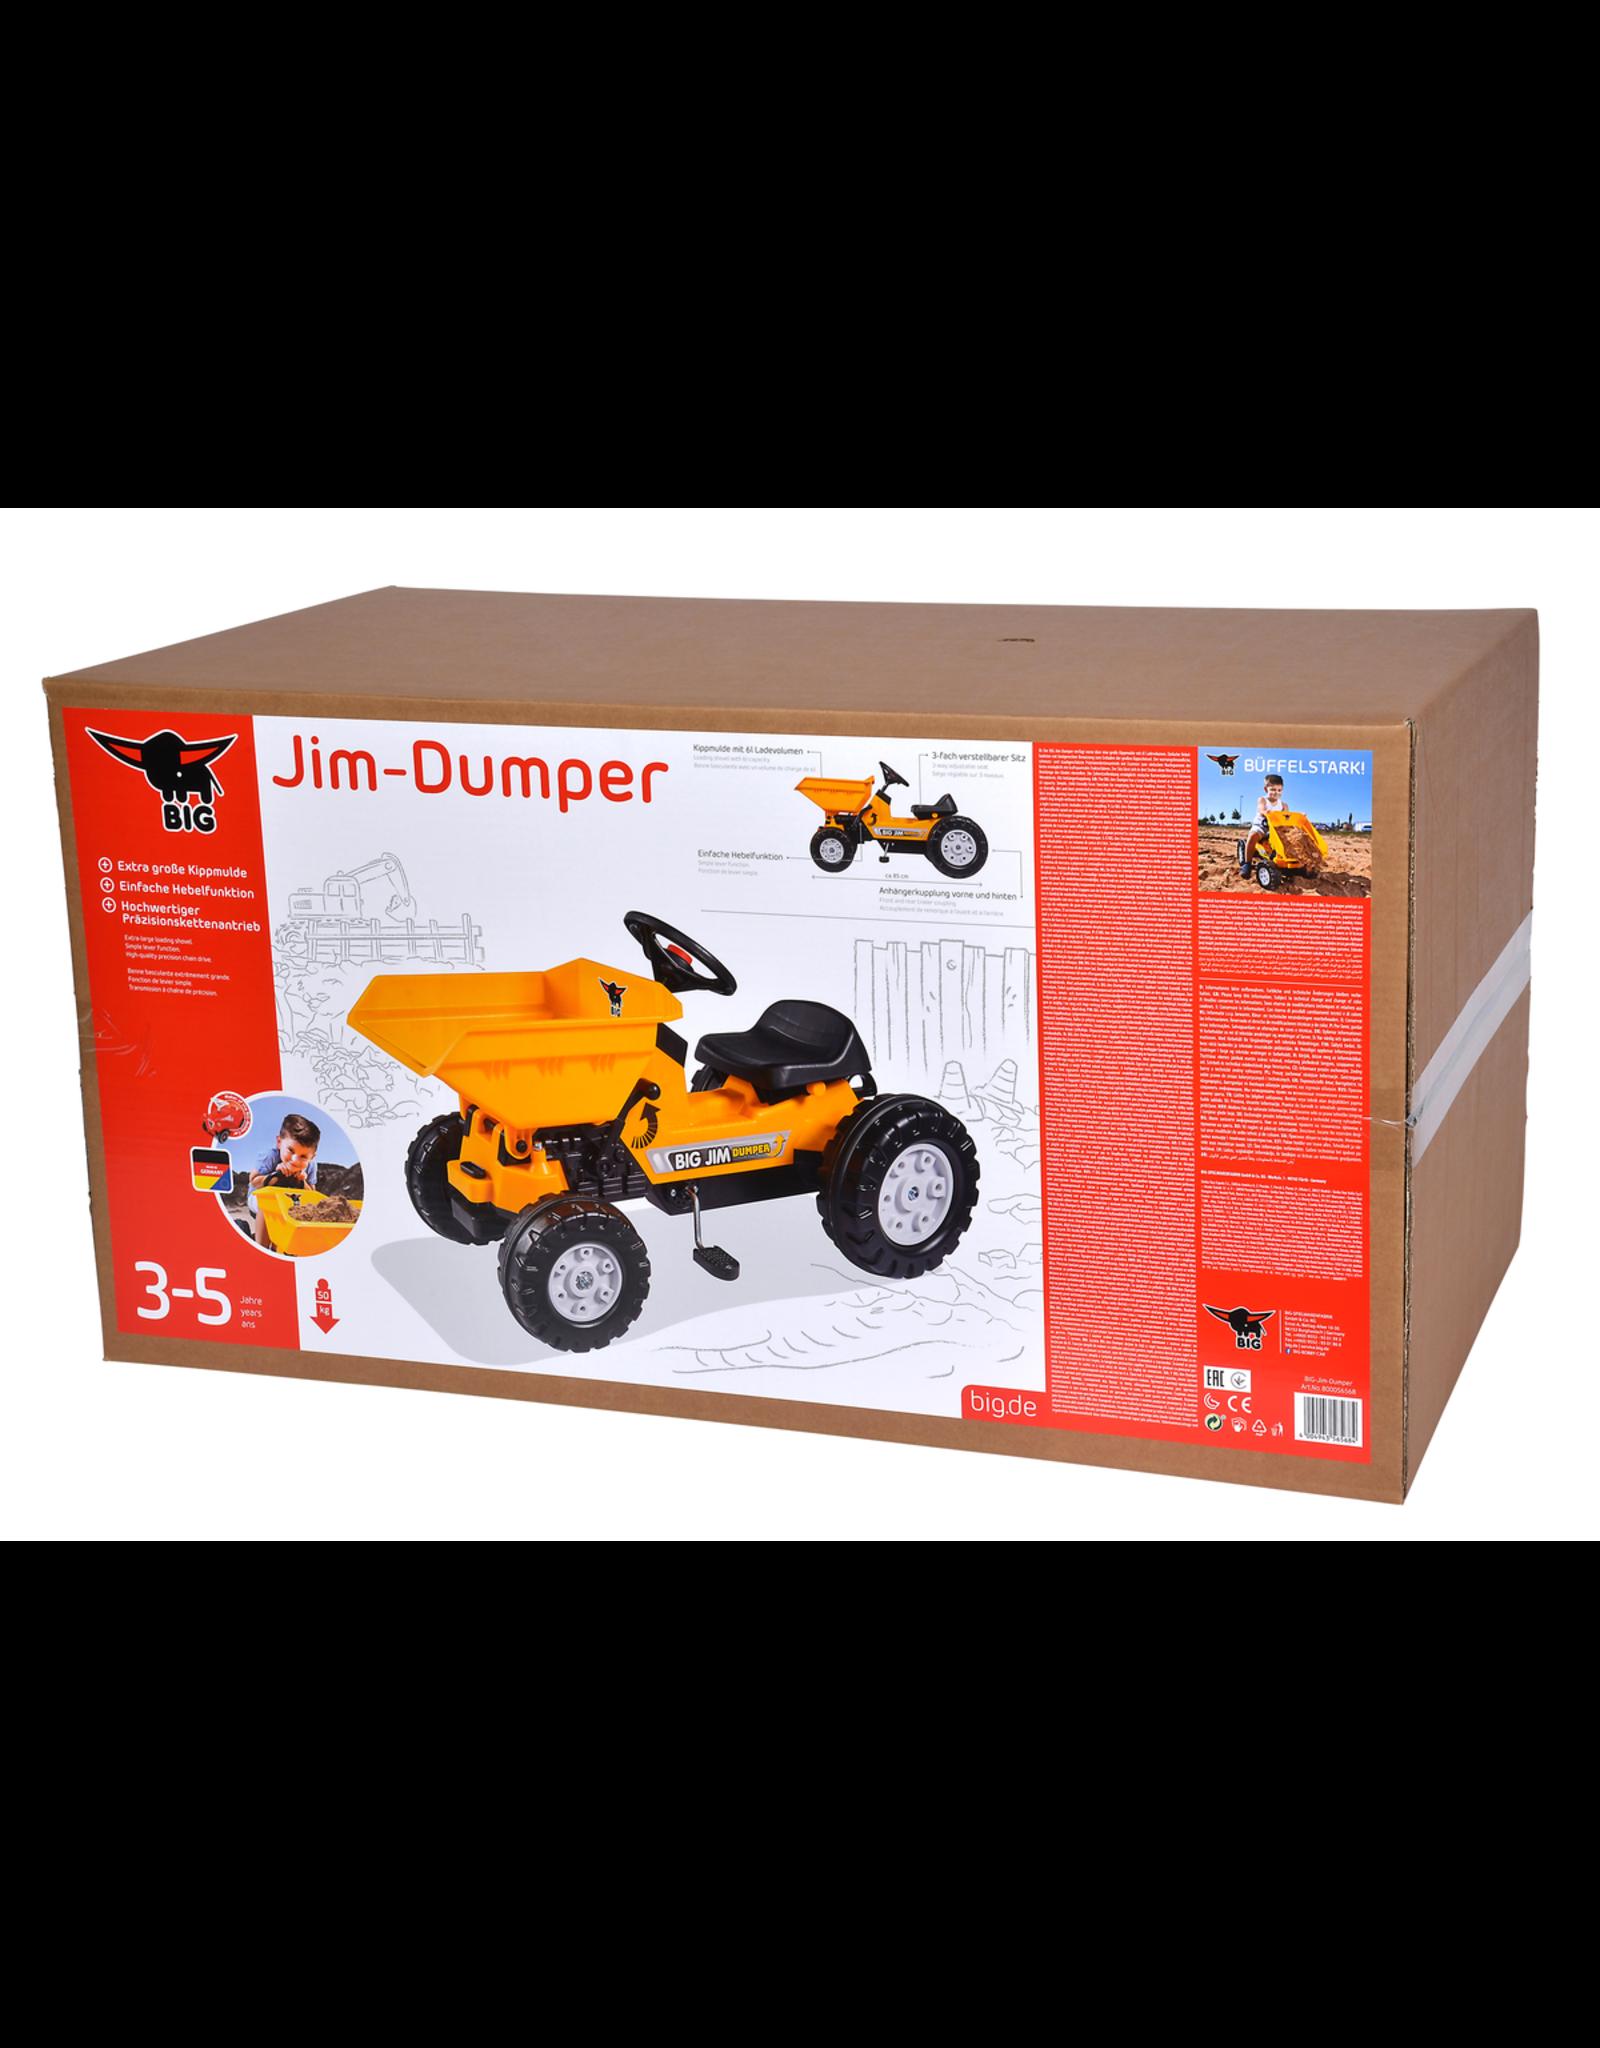 BIG BIG Jim Dumper - traptractor